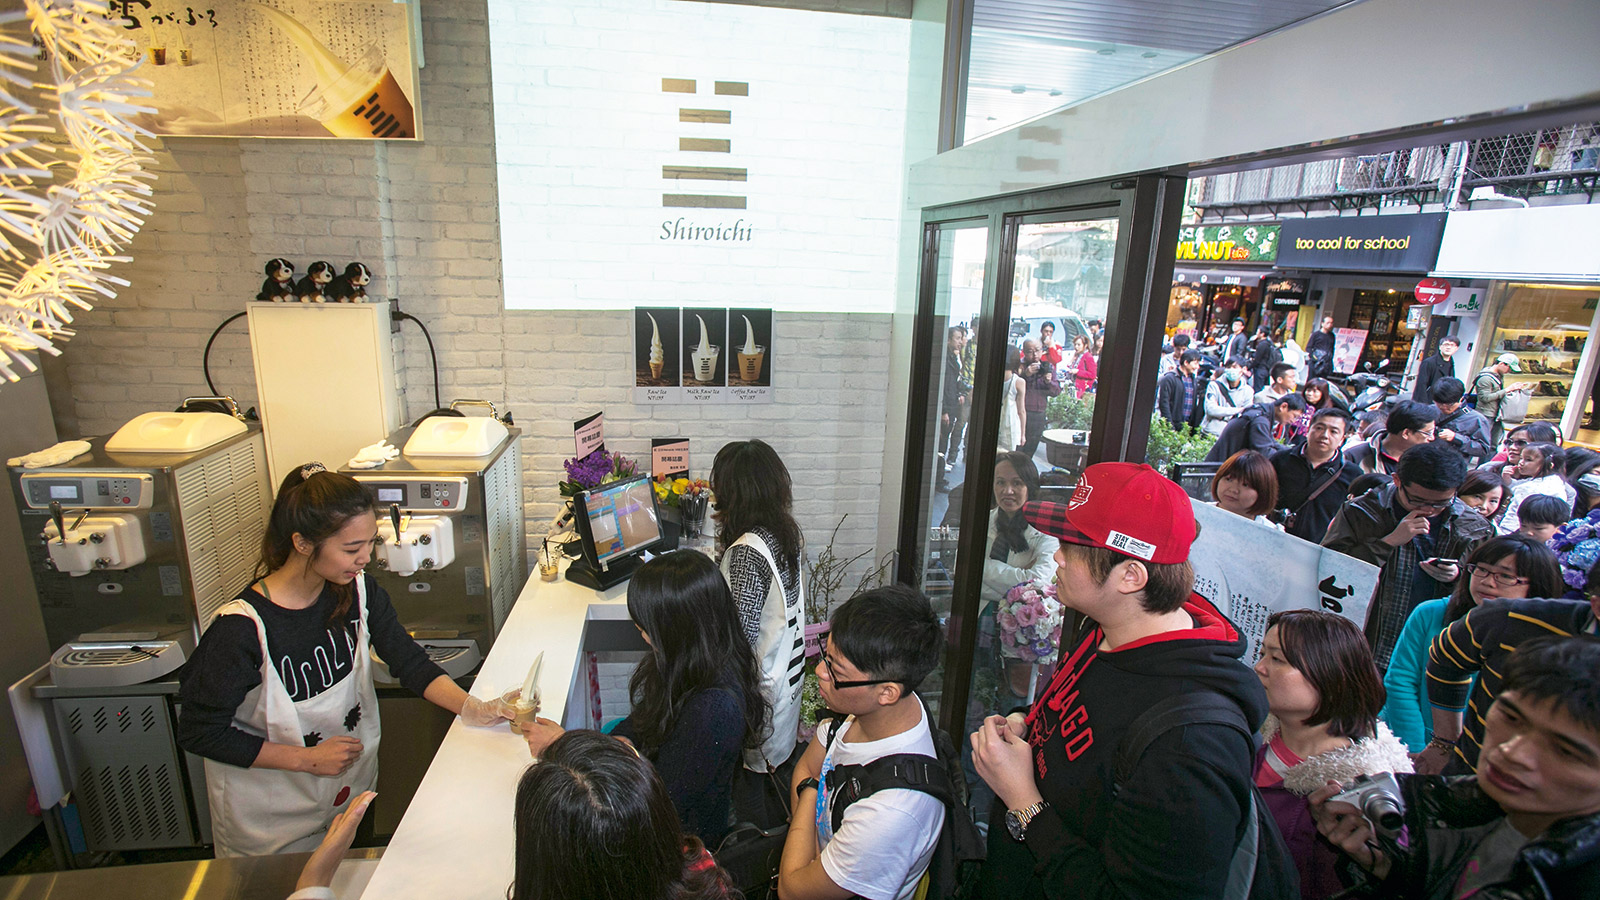 超商點燃了霜淇淋戰火,不少廠商看準商機引進日本品牌霜淇淋專門店,造成排隊熱潮。